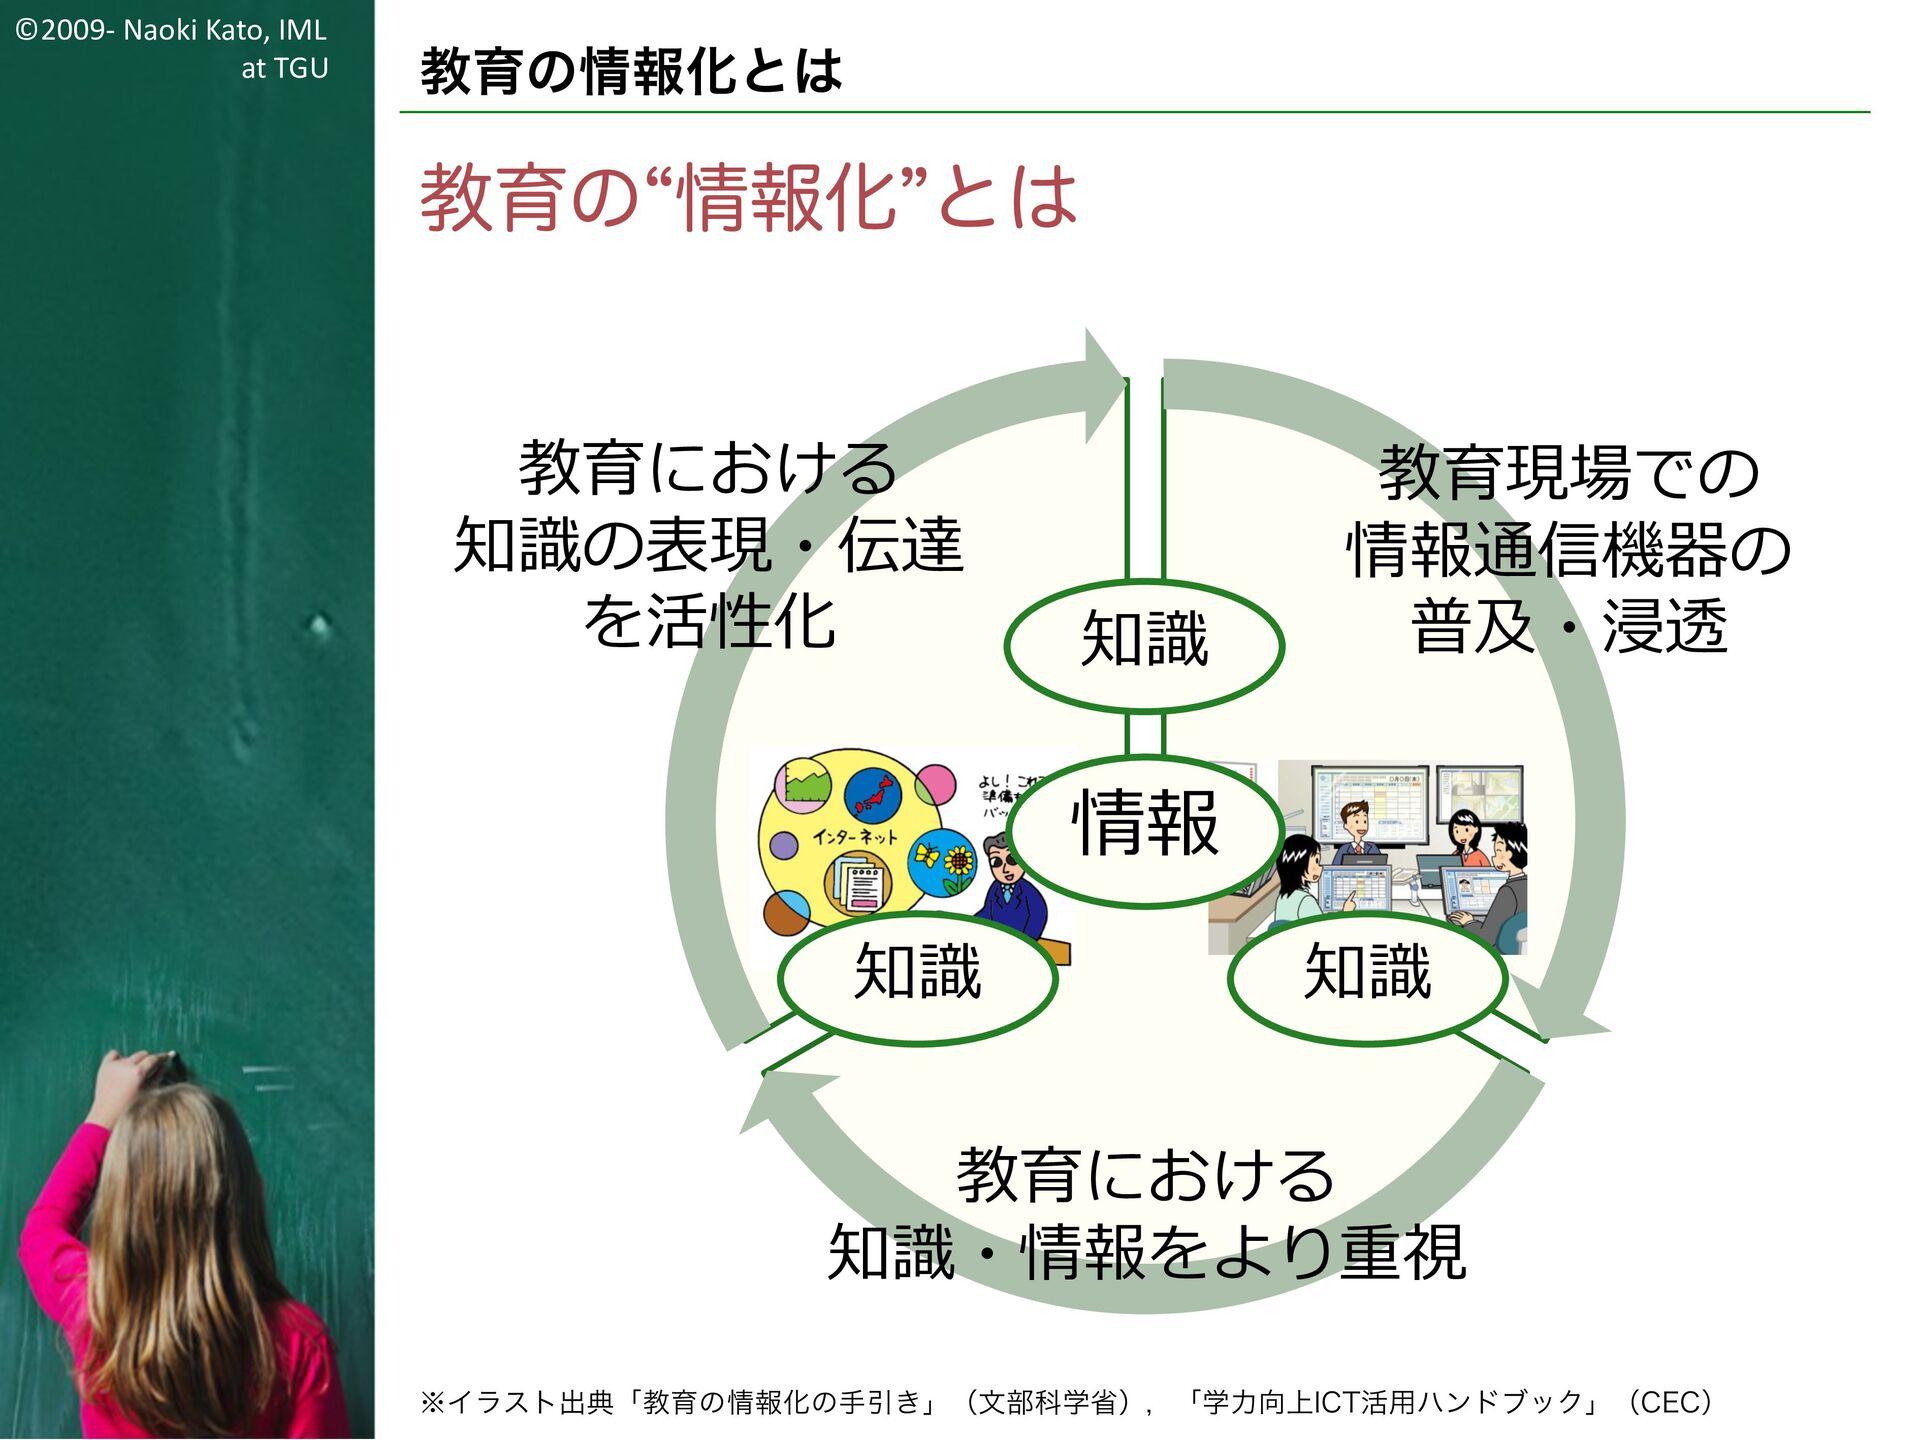 """©2009- Naoki Kato, IML at TGU 教育の情報化とは 教育の""""情報化""""..."""